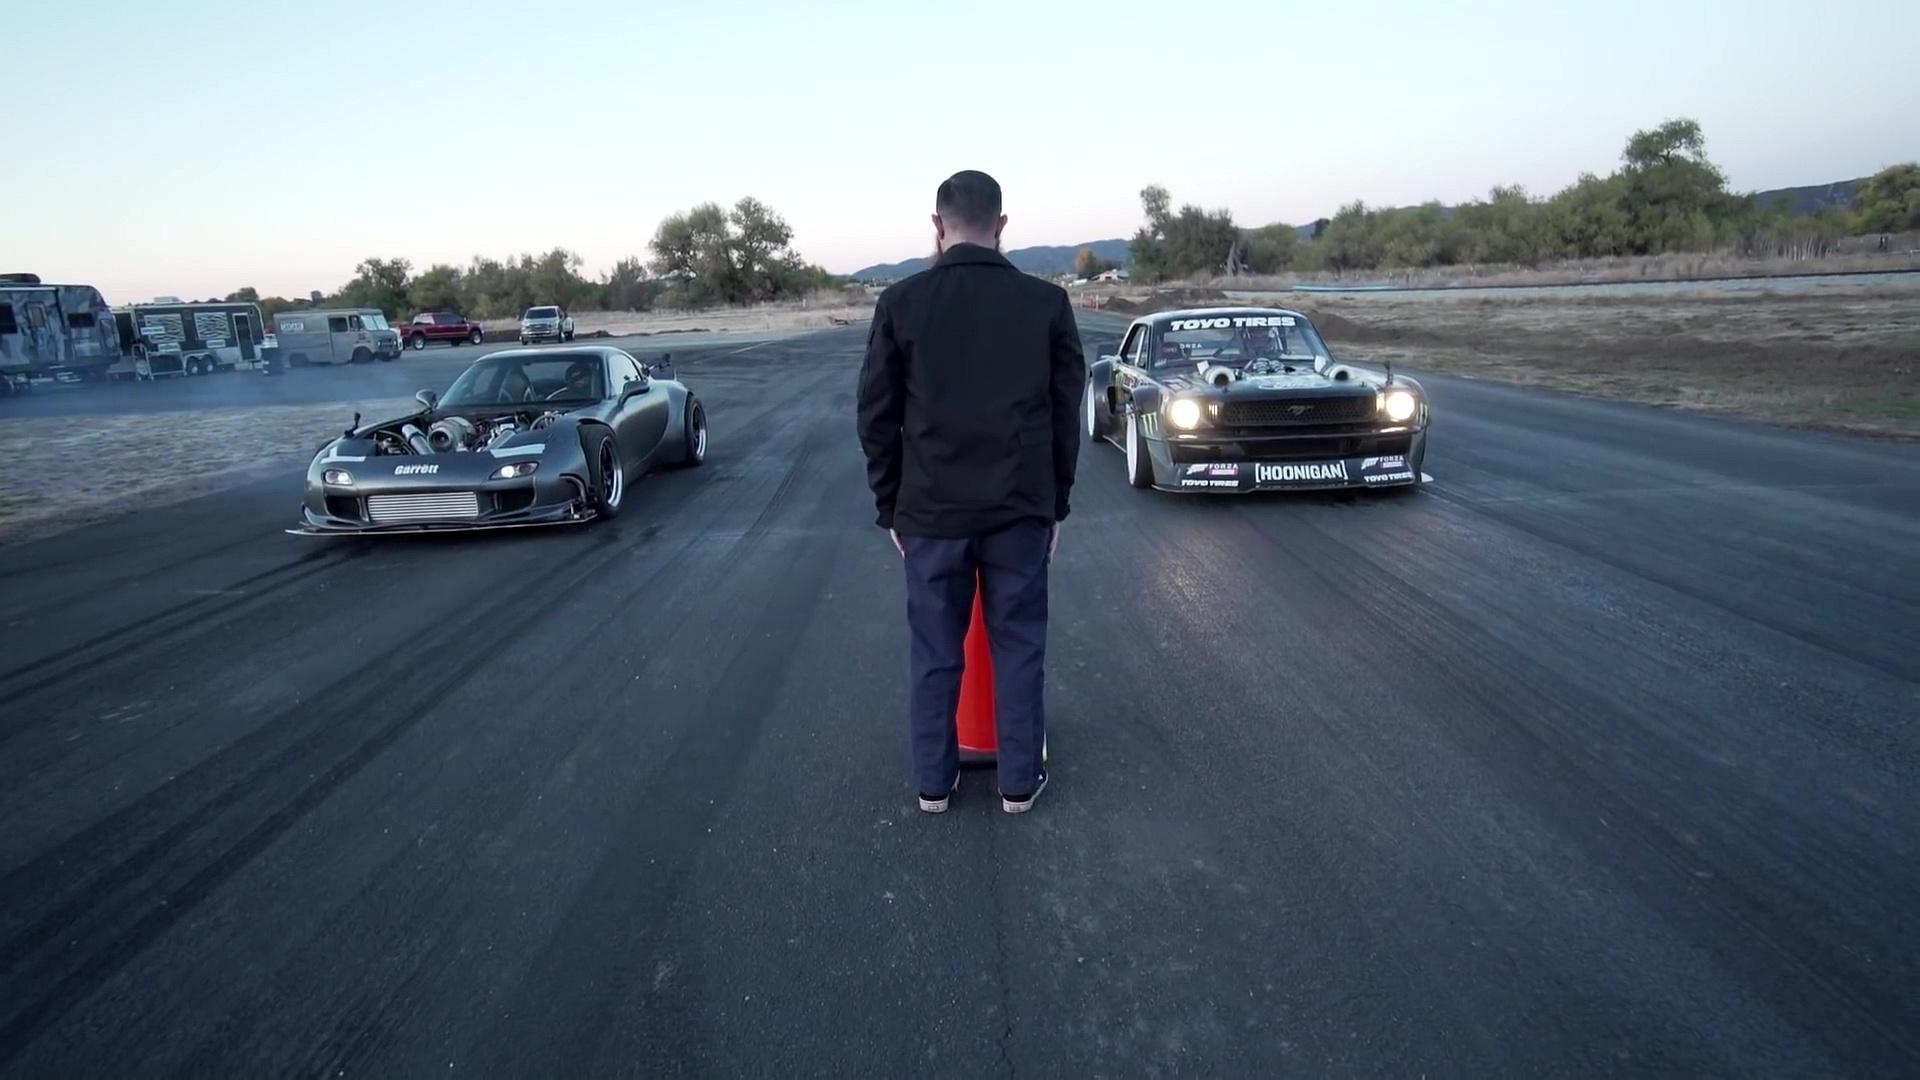 Дрэг-гонка: Ford Mustang Кена Блока против самой мощной в мире Mazda RX-7